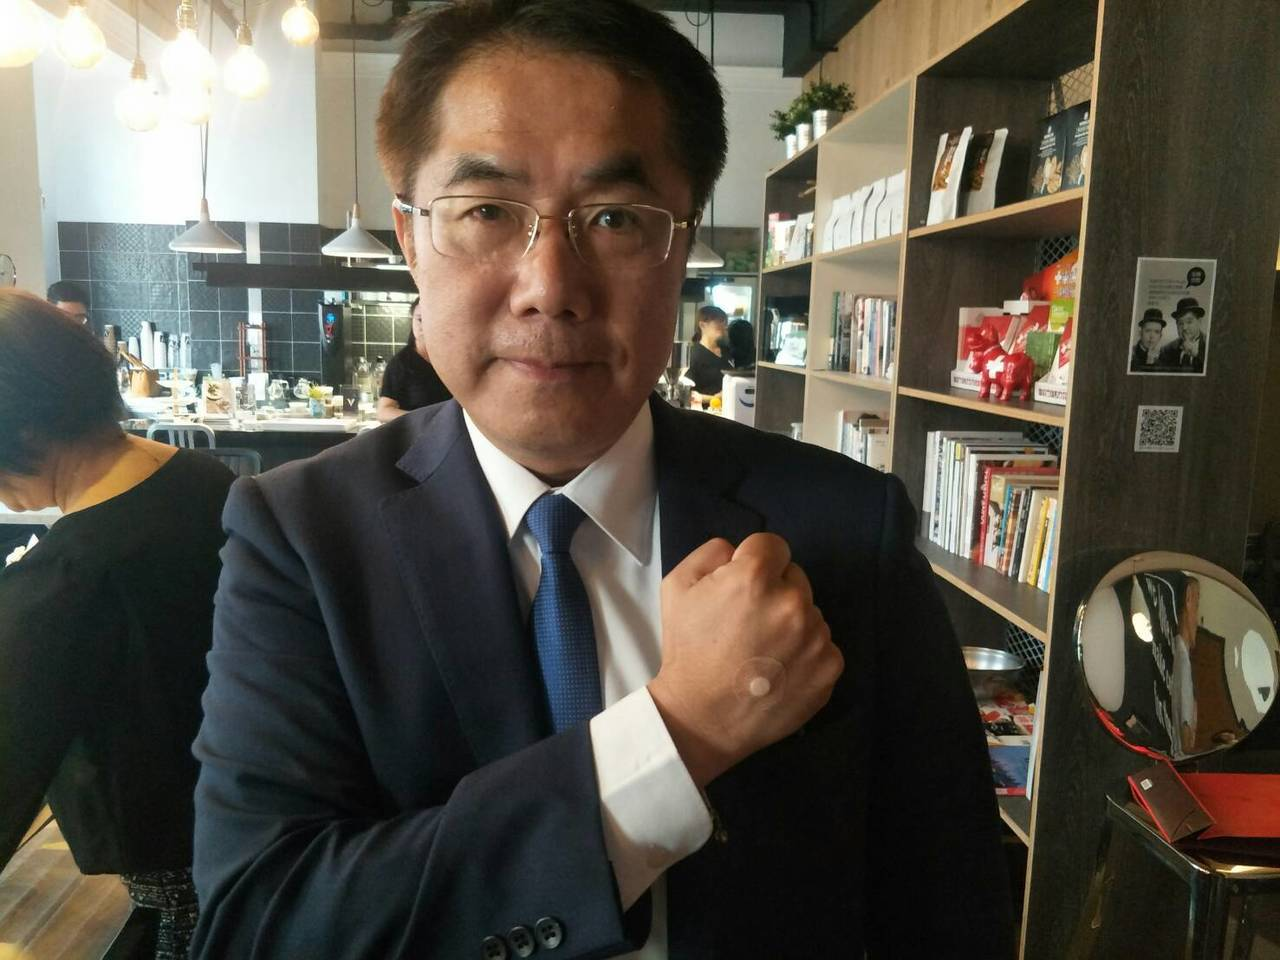 民進黨台南市長候選人黃偉哲今早打完點滴後,隨即開啟整天的行程。記者鄭維真/攝影